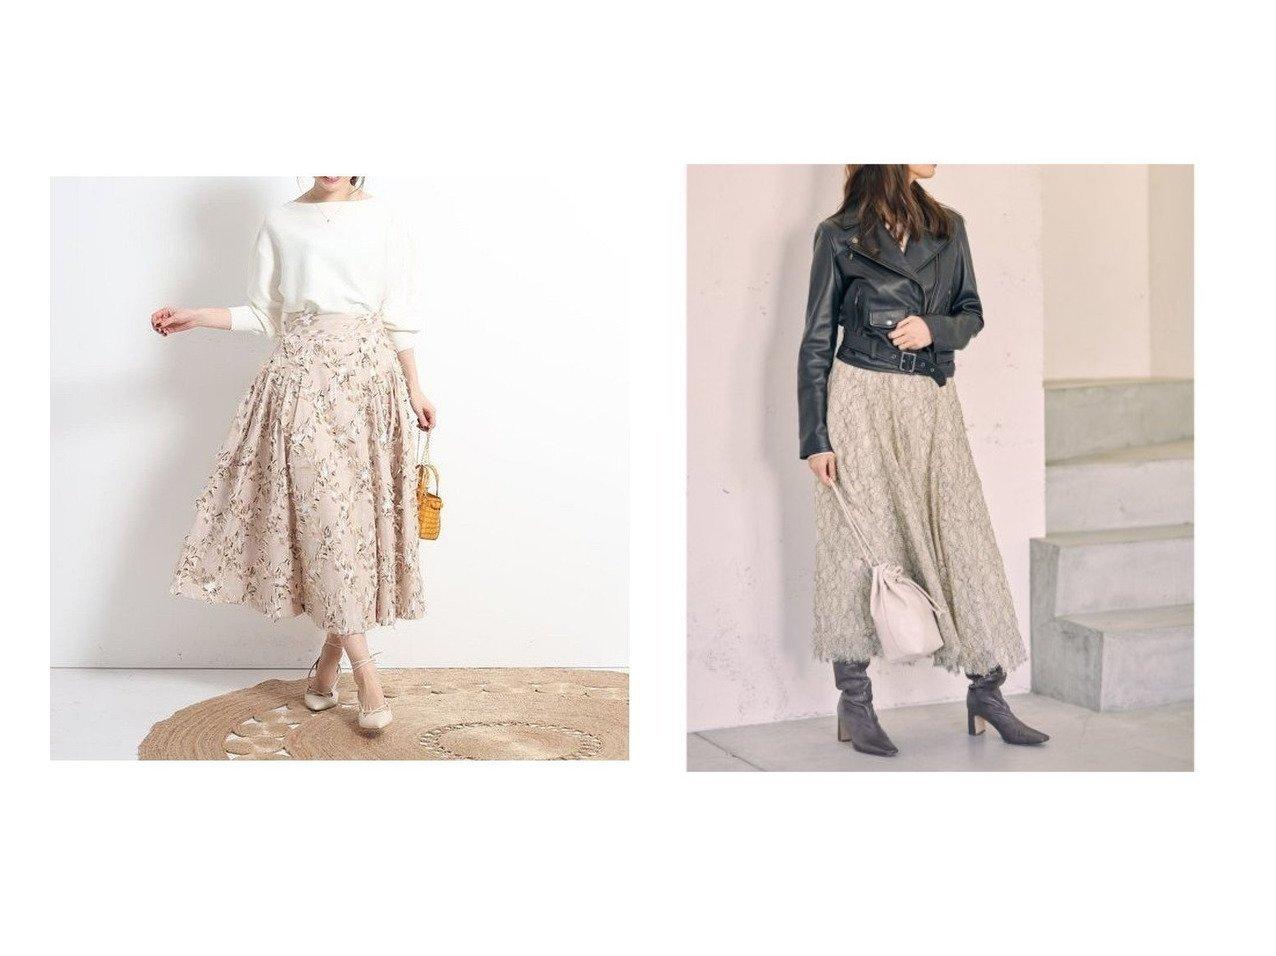 【SNIDEL/スナイデル】のレースフレアスカート&【Apuweiser-riche/アプワイザーリッシェ】のフリンジジャガードスカート スカートのおすすめ!人気、トレンド・レディースファッションの通販 おすすめで人気の流行・トレンド、ファッションの通販商品 メンズファッション・キッズファッション・インテリア・家具・レディースファッション・服の通販 founy(ファニー) https://founy.com/ ファッション Fashion レディースファッション WOMEN スカート Skirt Aライン/フレアスカート Flared A-Line Skirts インナー オーガンジー スカラップ スマート フレア レース 再入荷 Restock/Back in Stock/Re Arrival ギャザー ロマンティック |ID:crp329100000011741